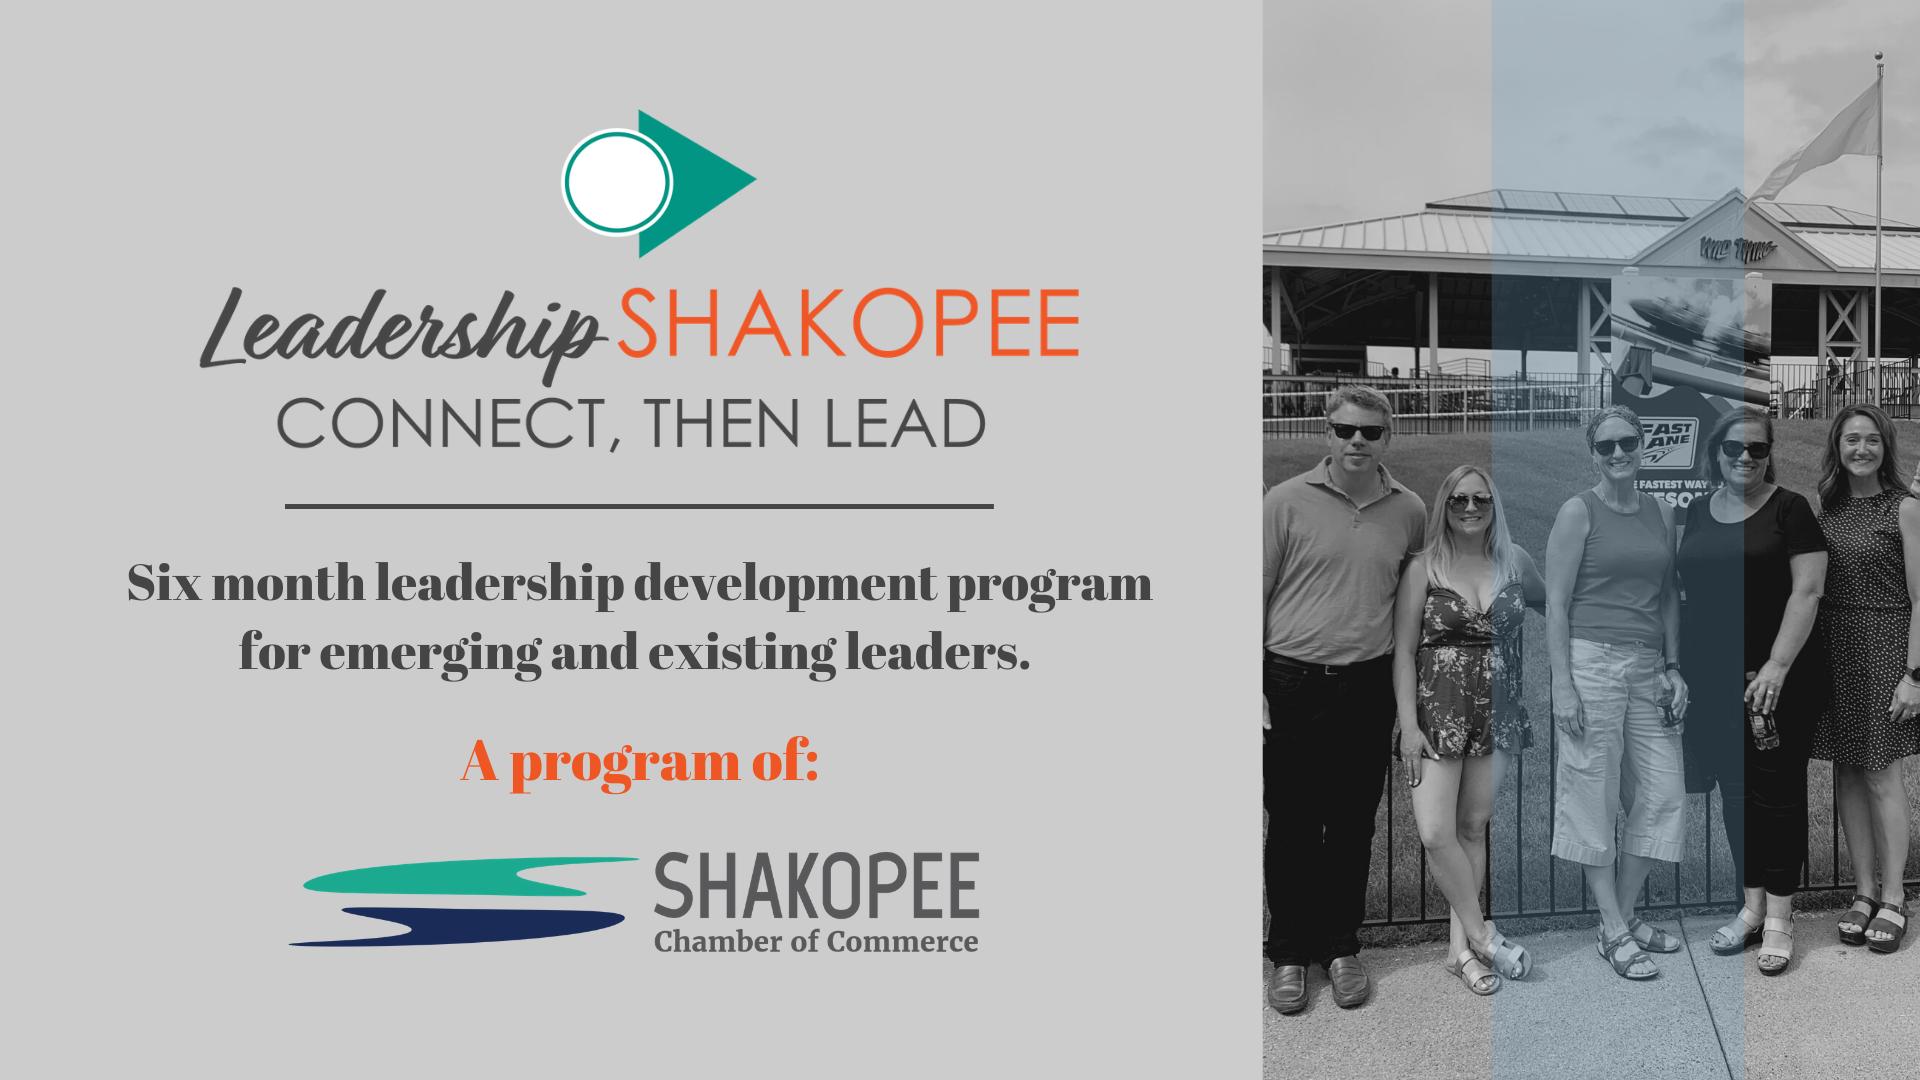 Leadership Shakopee